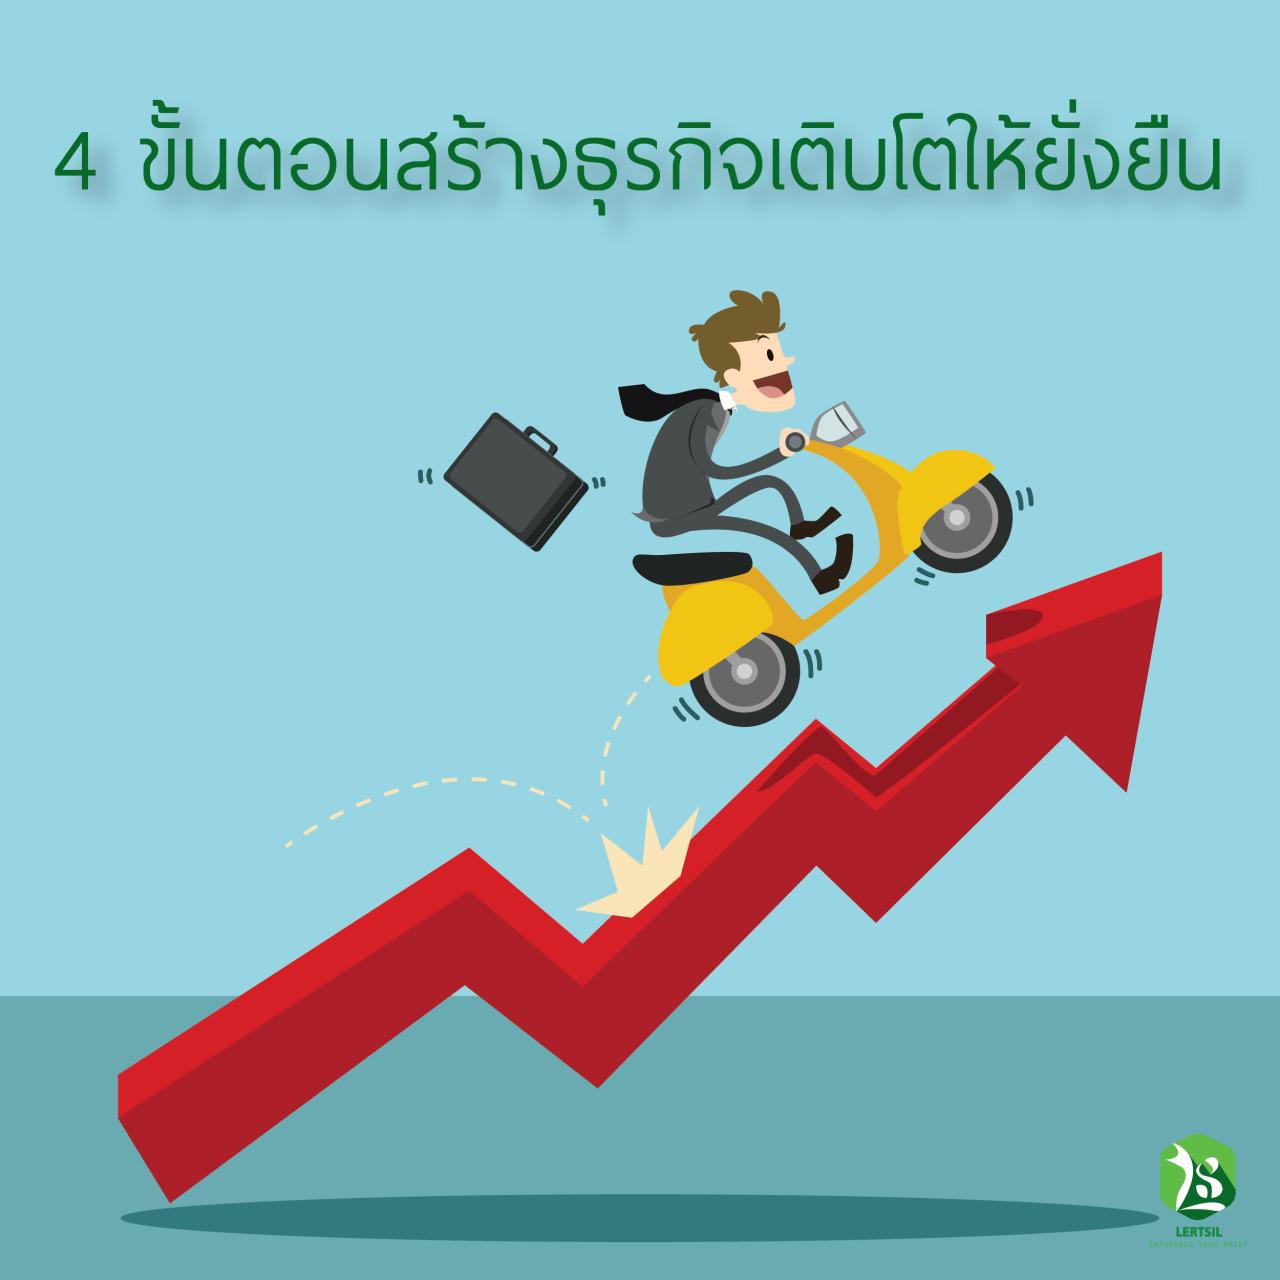 4 ขั้นตอนการสร้างธุรกิจให้เติบโตยิ่งขึ้น